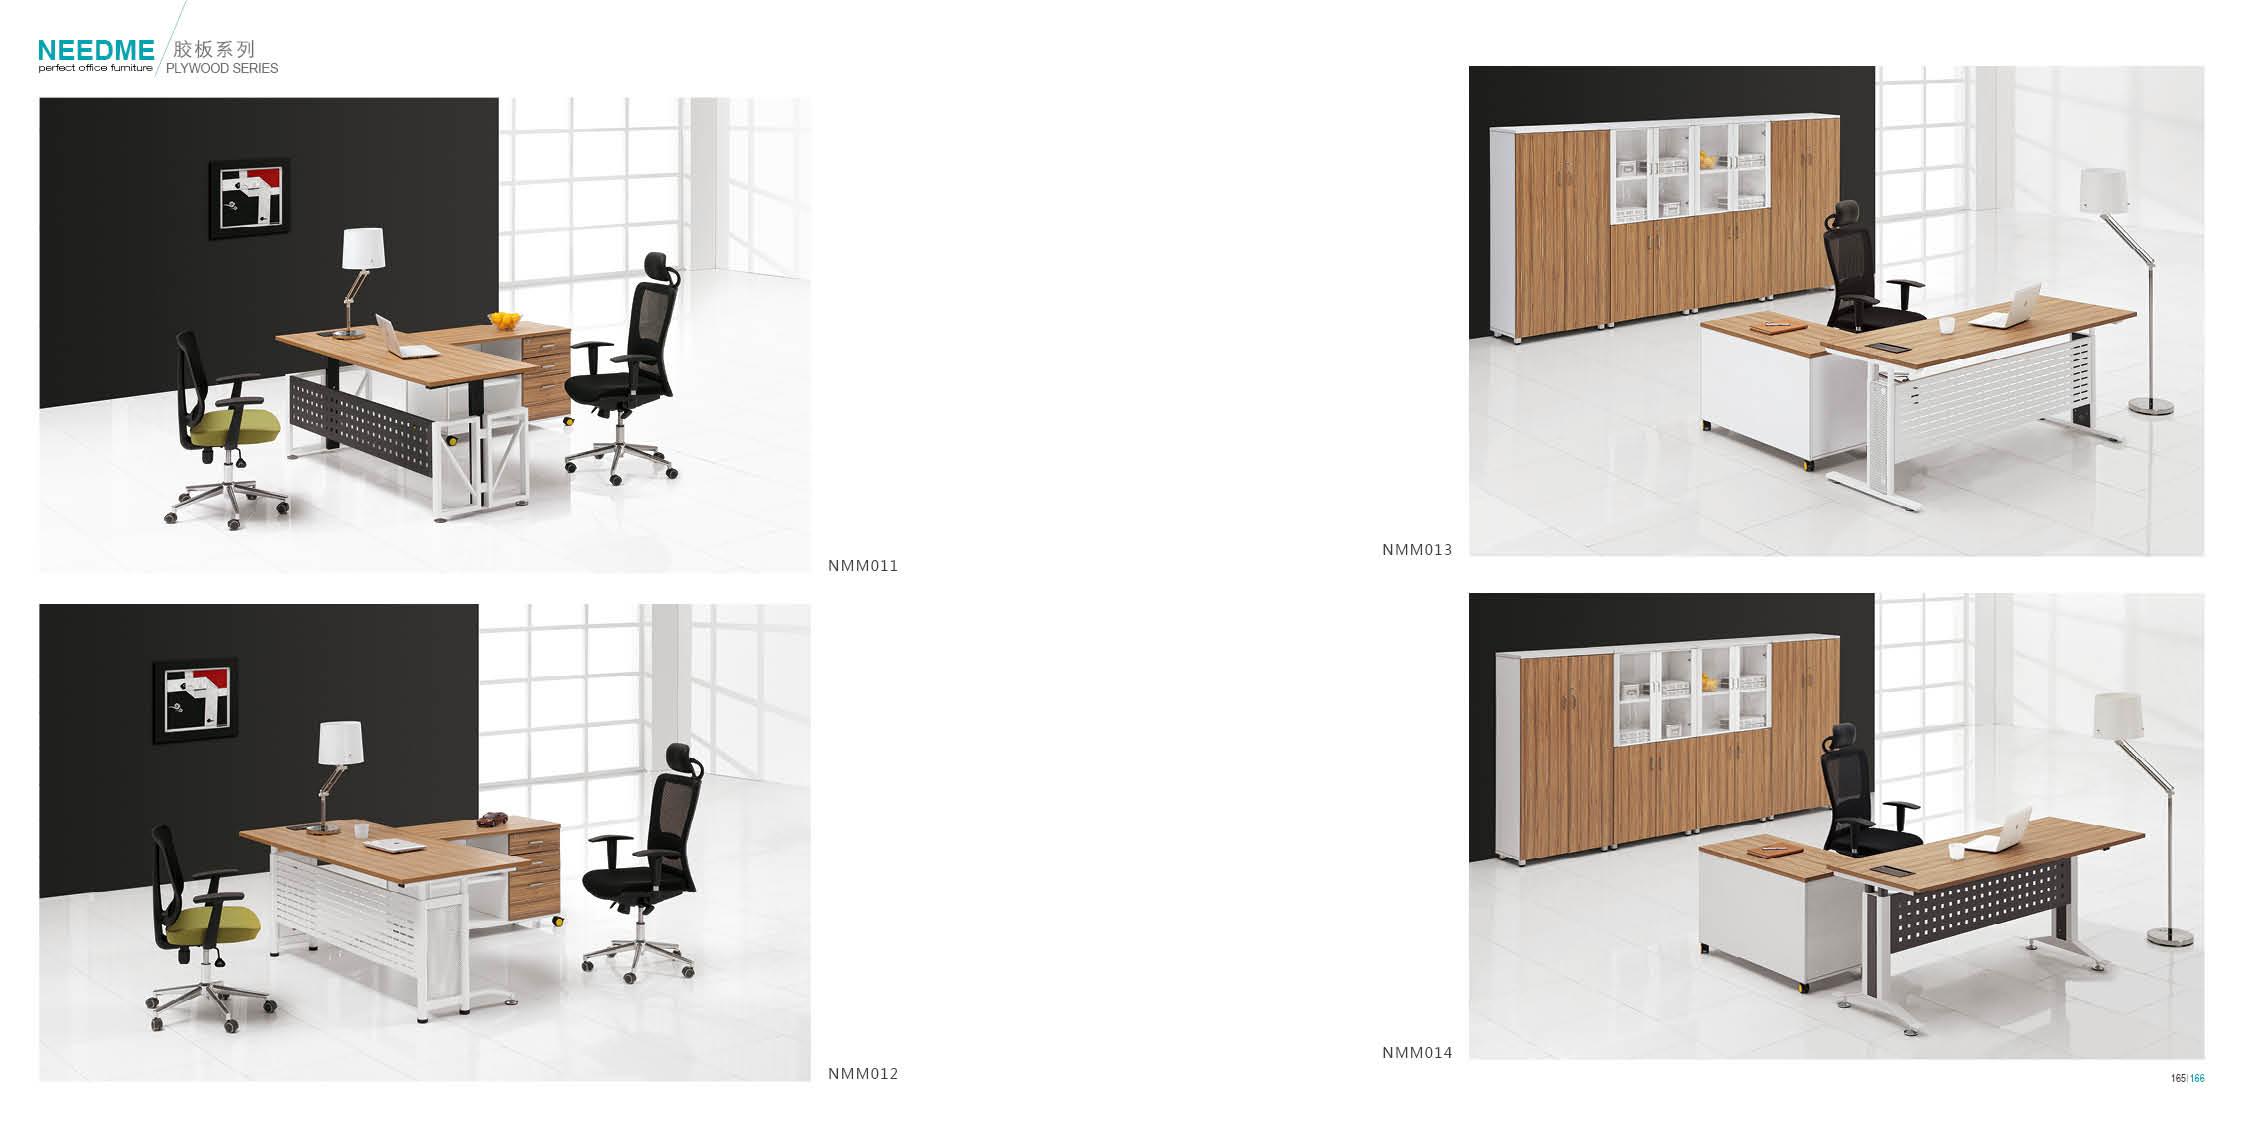 办公桌MMM011,012,013,014